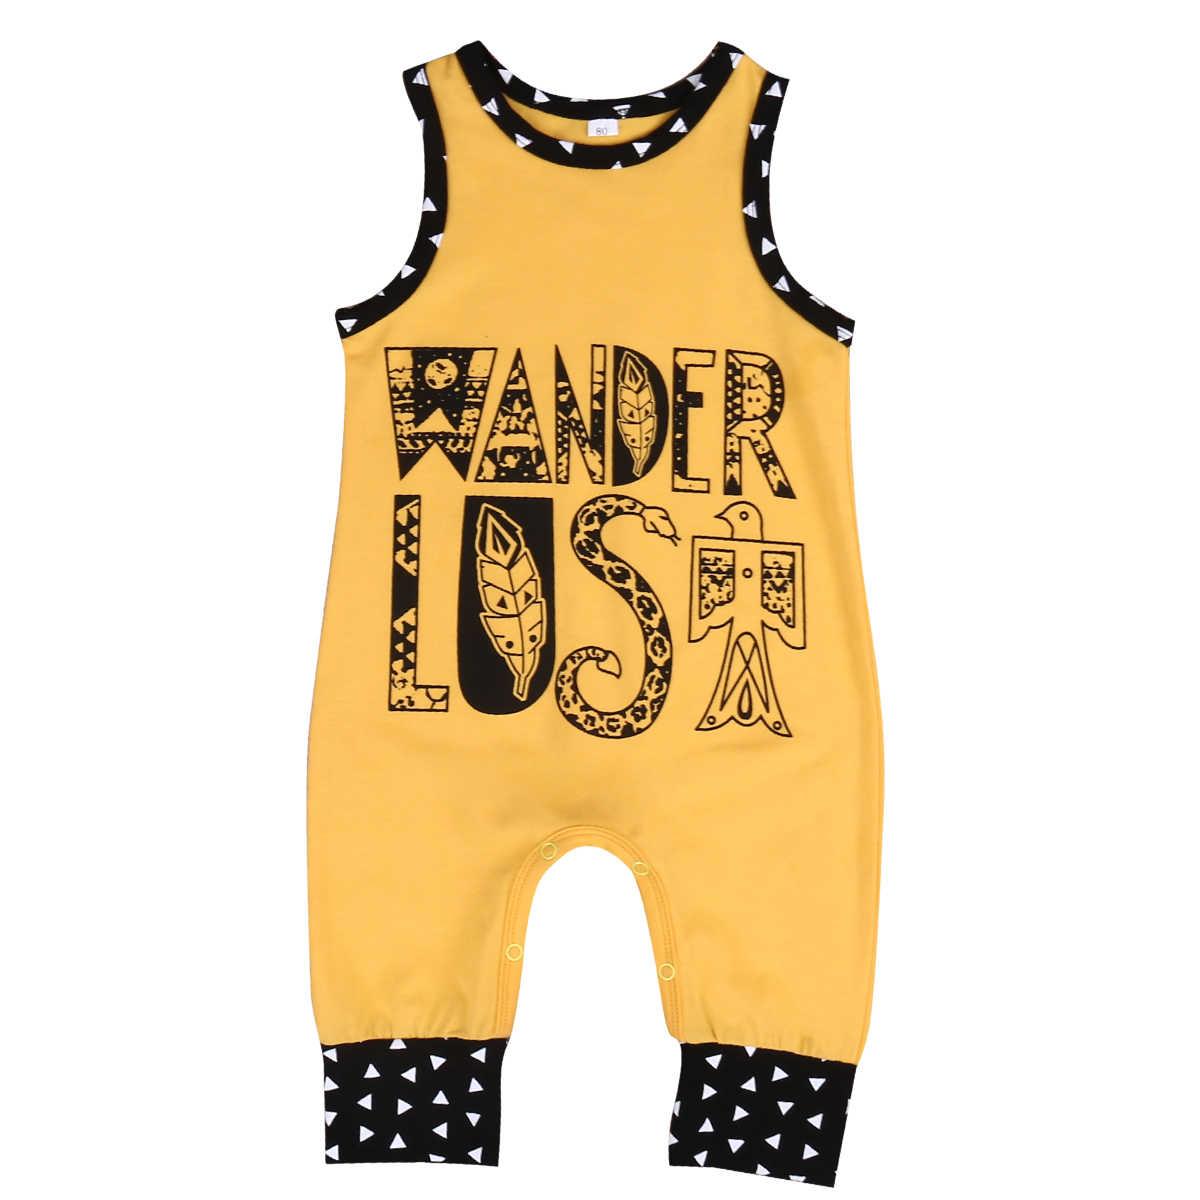 Популярная одежда с буквенным принтом для маленьких мальчиков; милый боди с принтом для маленьких девочек; комбинезон в стиле бохо для малышей; летний костюм